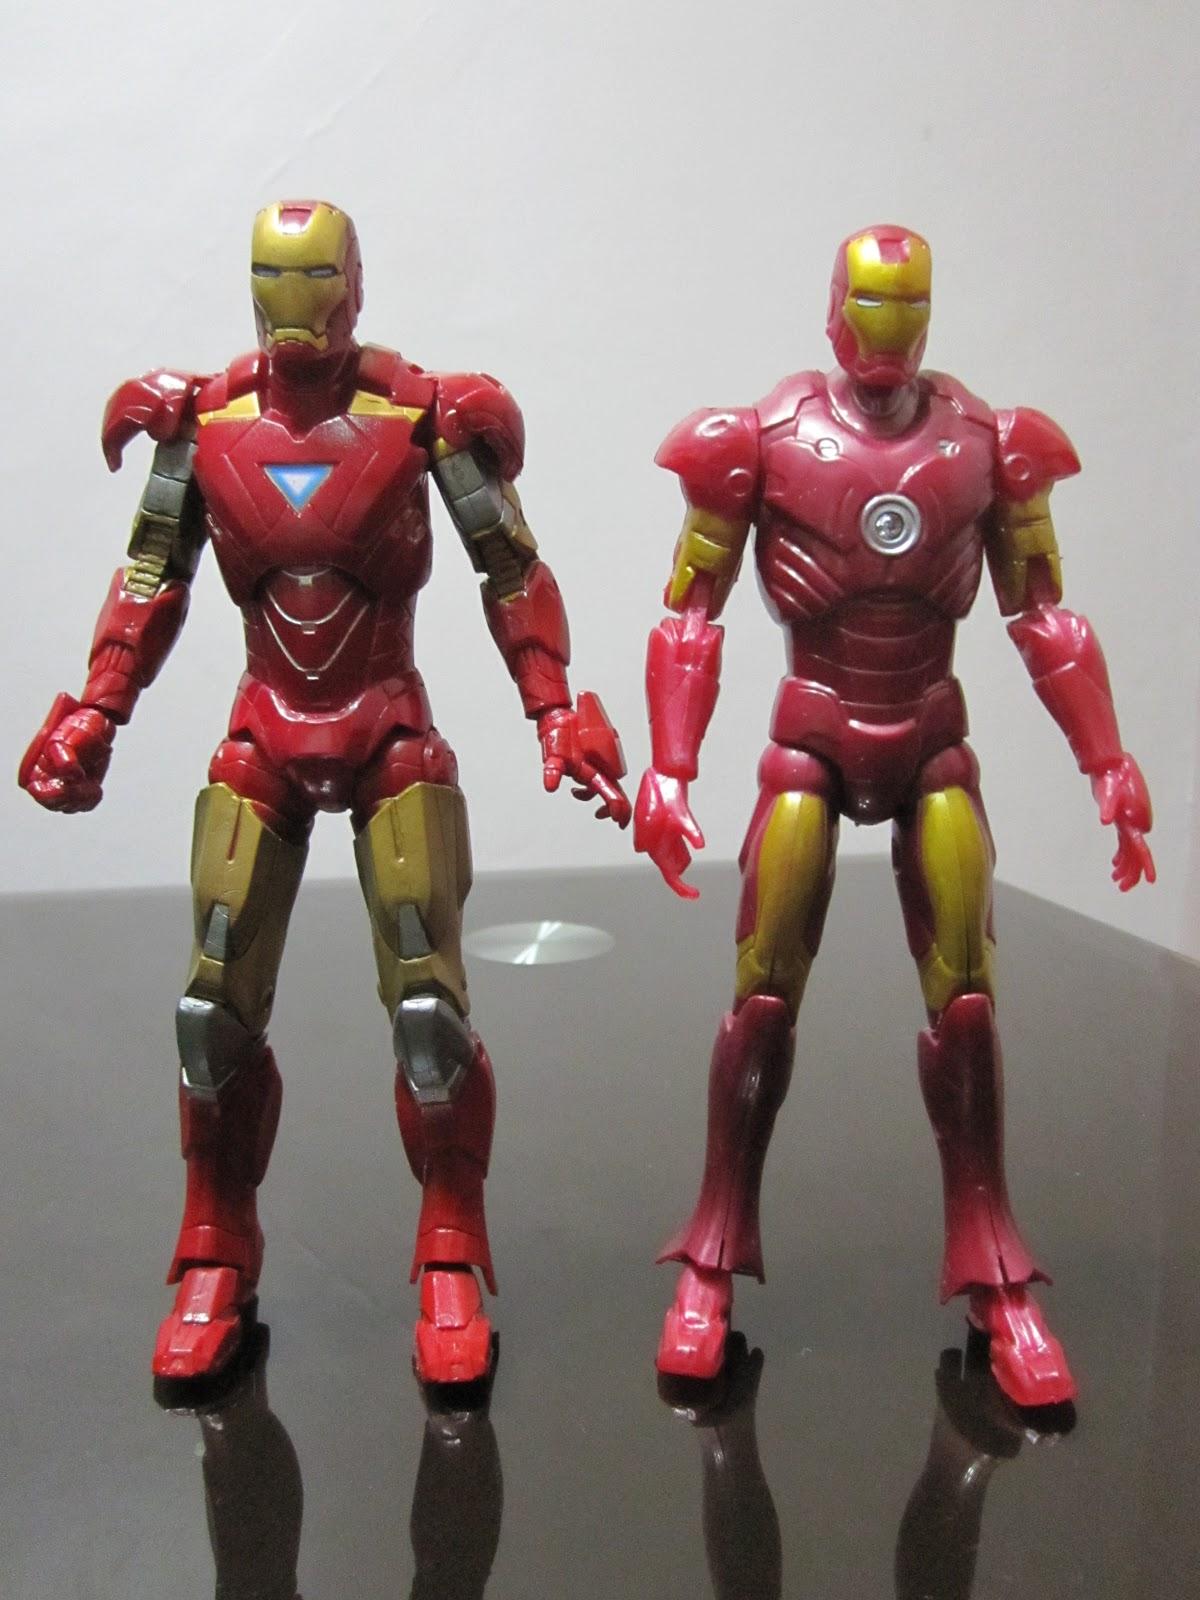 hasbro iron man 2 mark 6 and bootleg iron man mark 3 bootleg iron man 2 starring